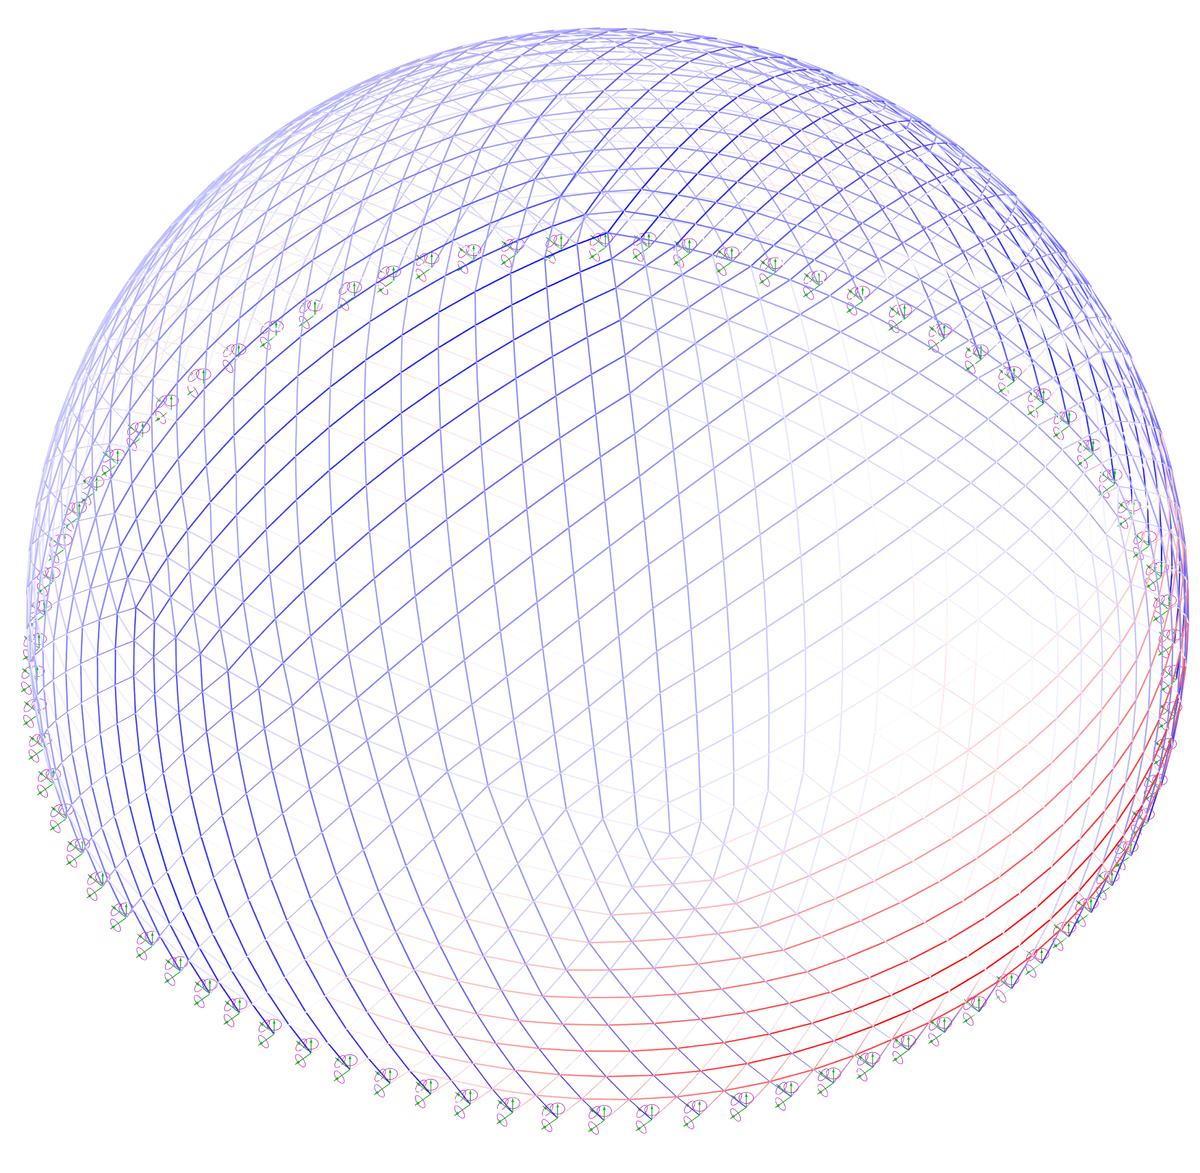 диаграмма напряжений купола под действием ветровой нагрузки